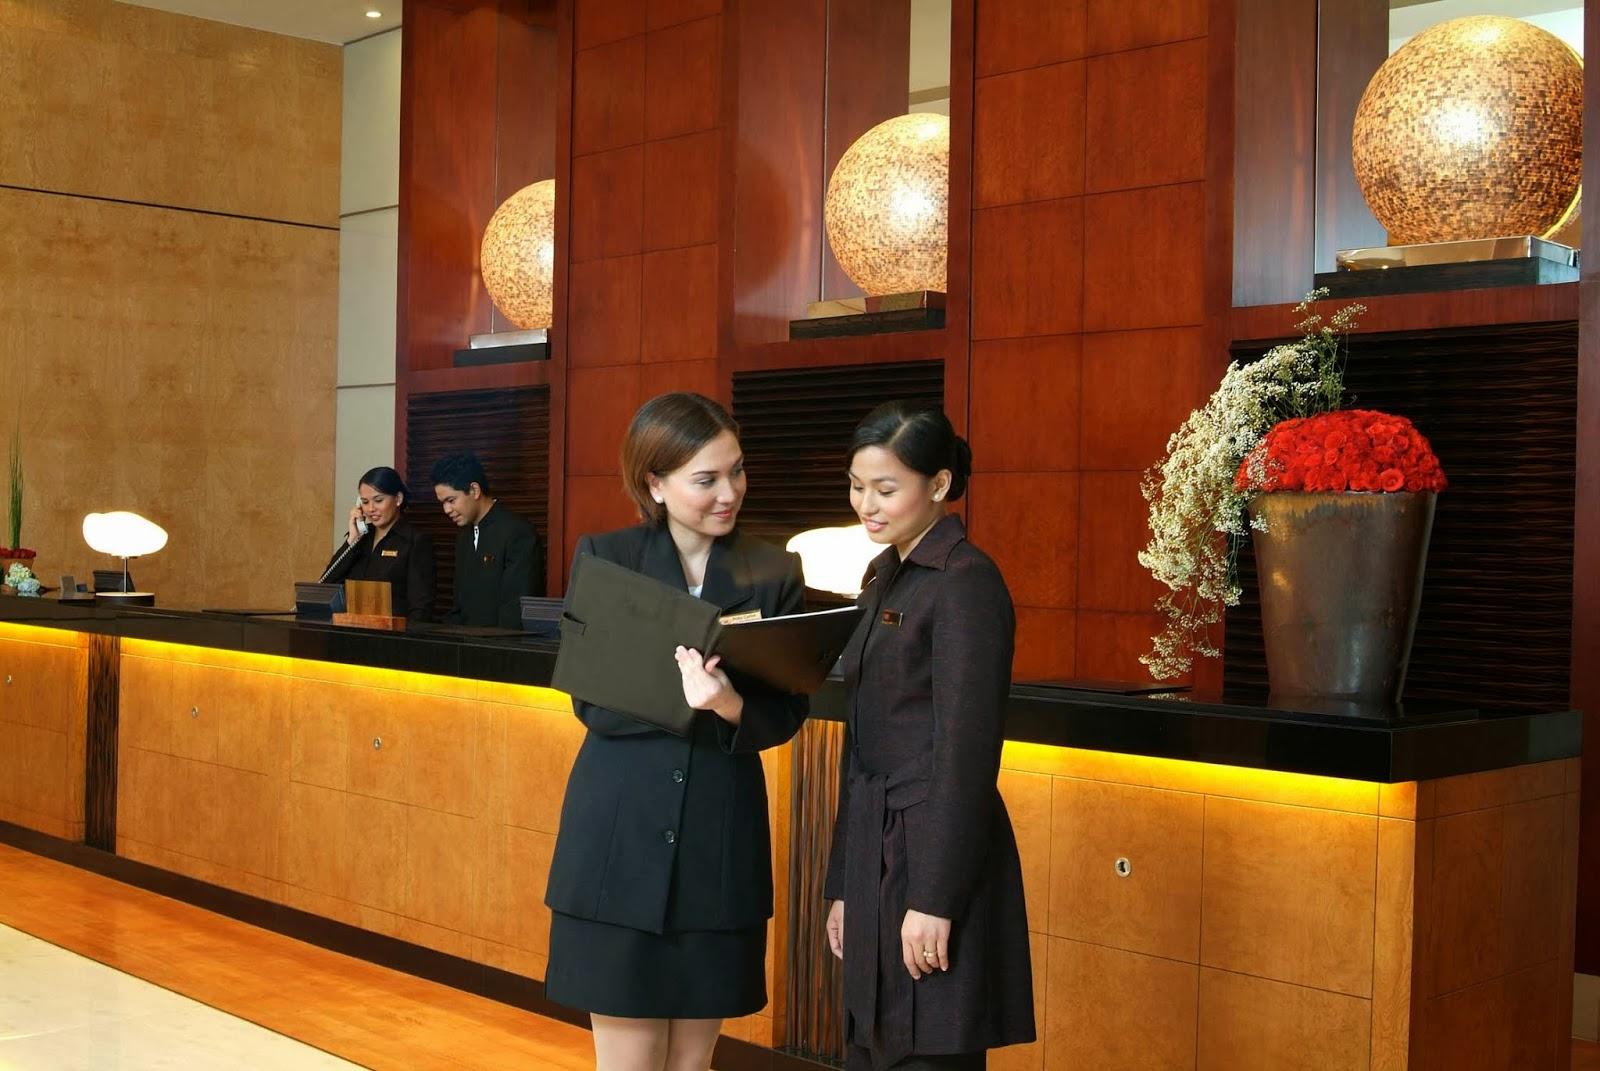 lớp tiếng anh chuyên ngành lễ tân khách sạn